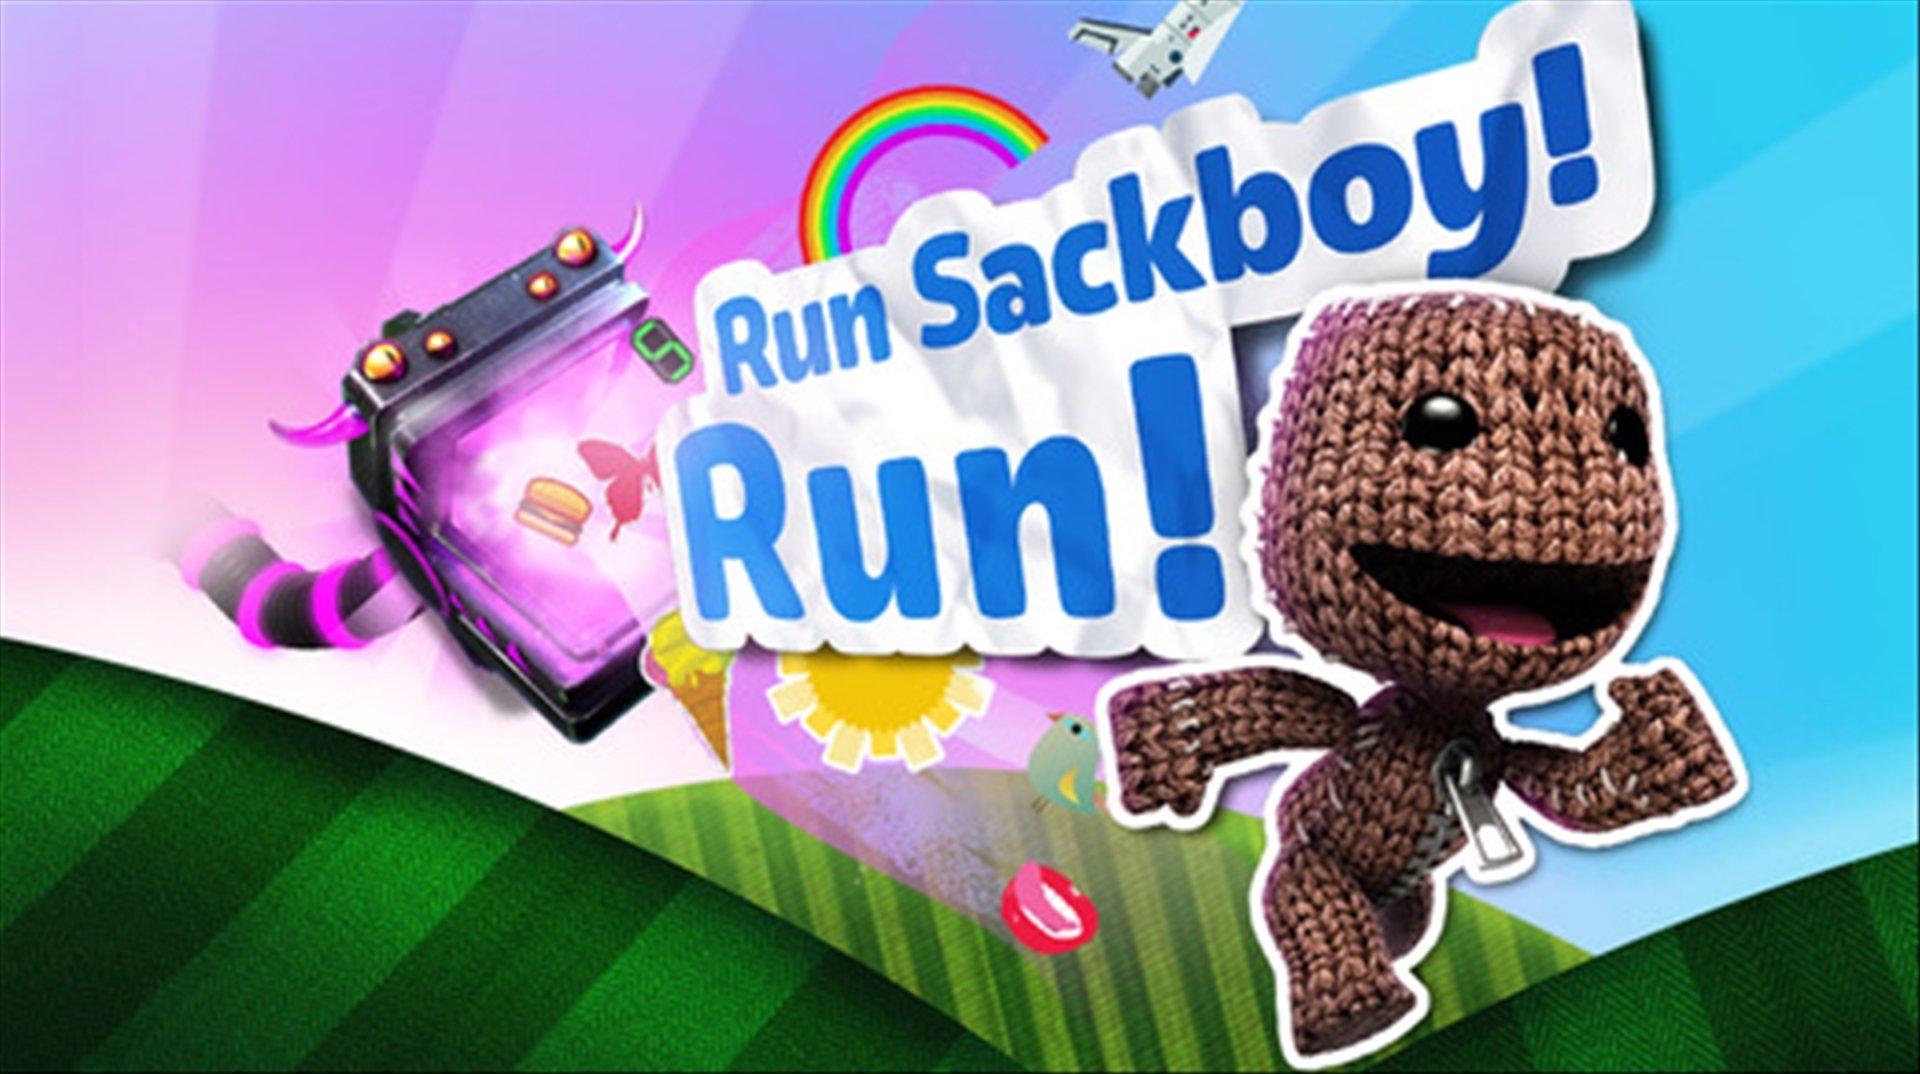 Run Sackboy! Run! iPhone image 5